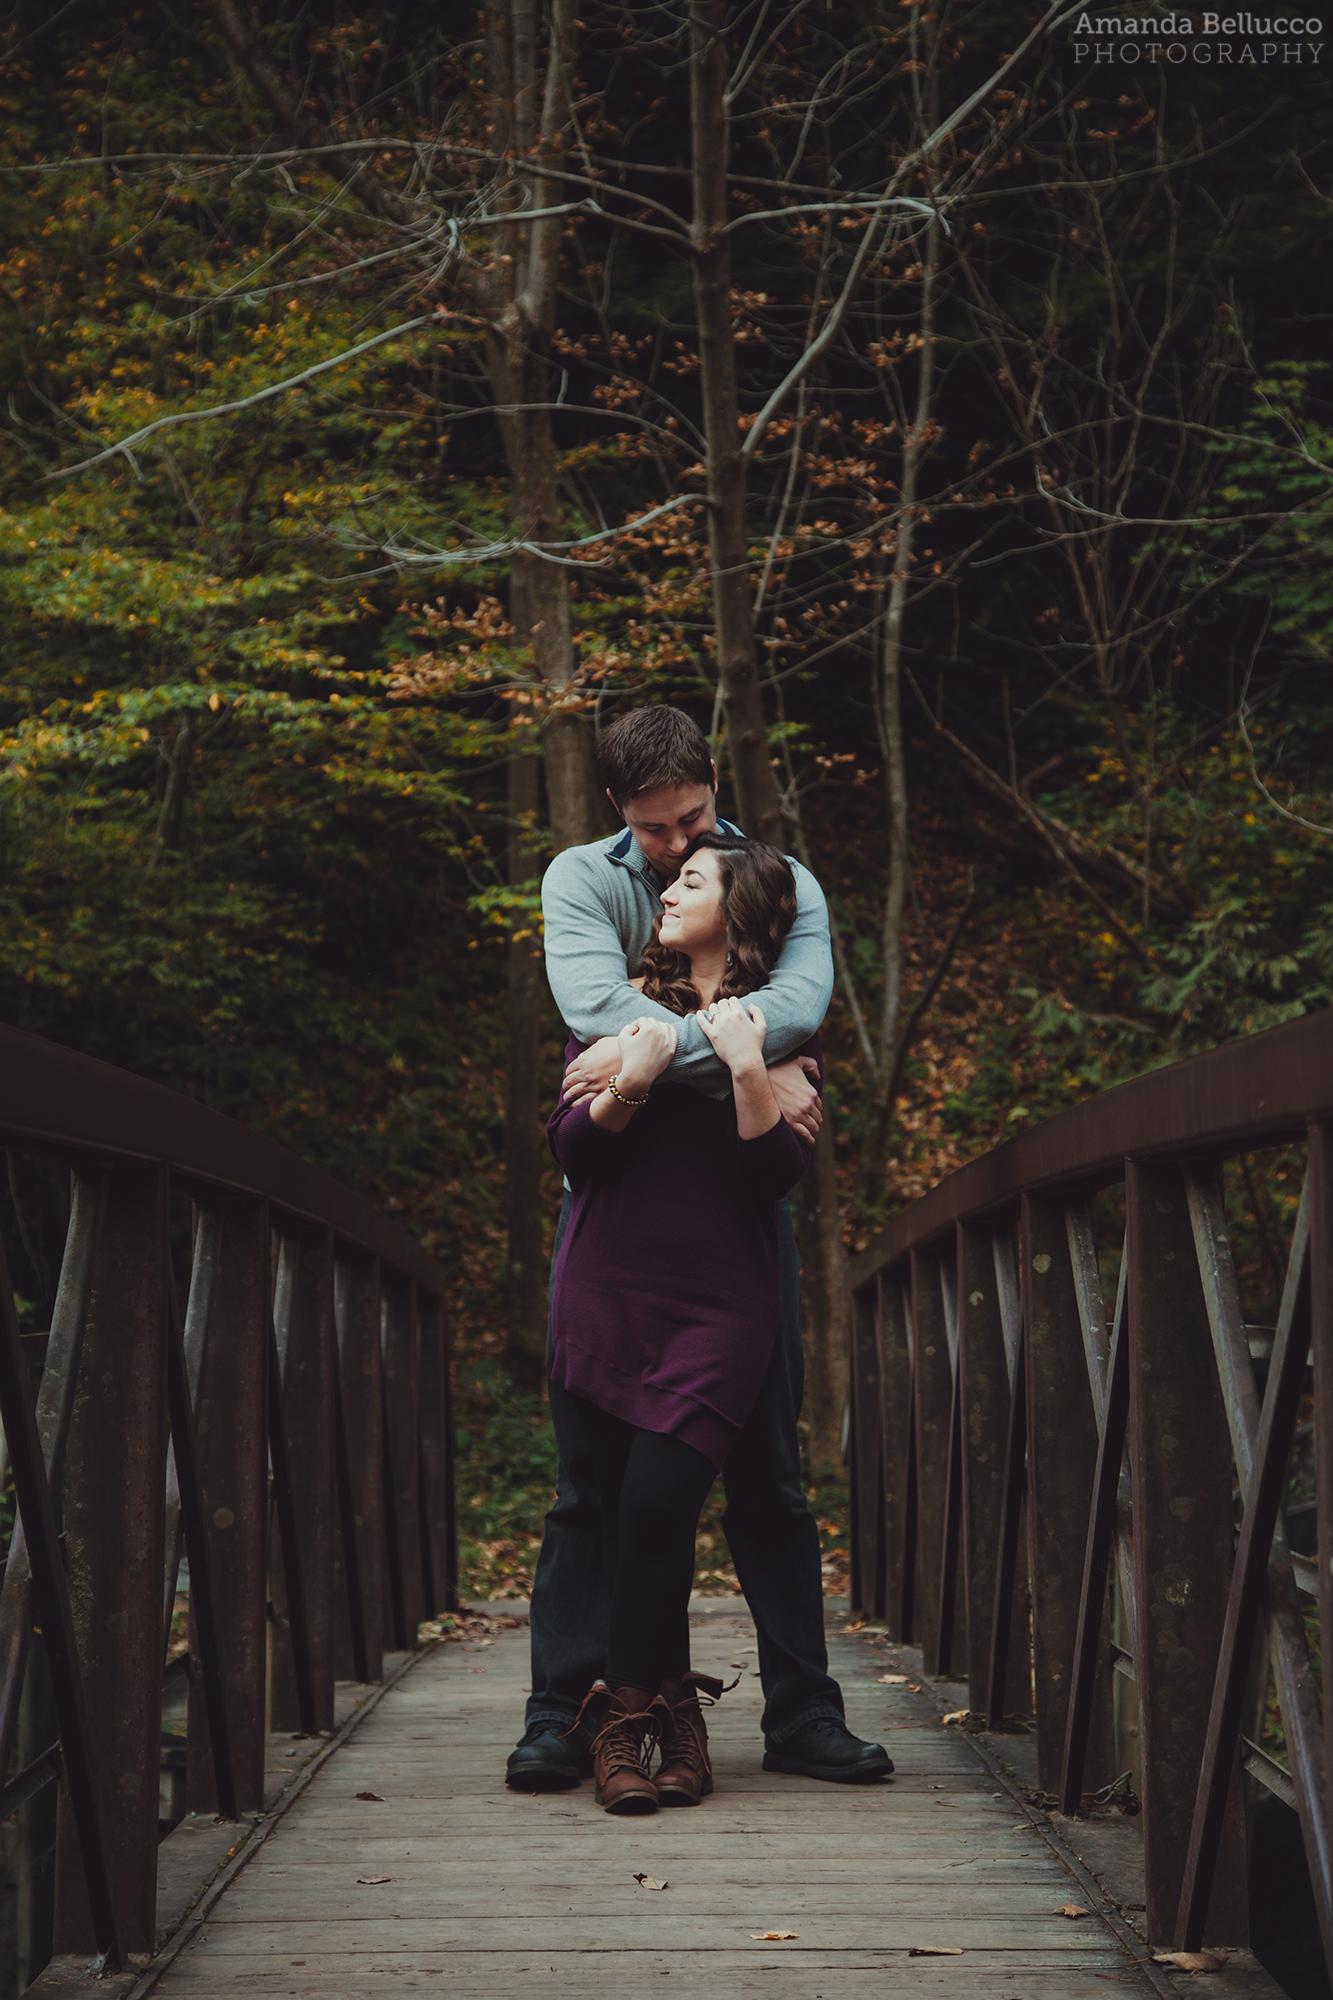 syacuse_engagement_wedding_photographers_17.jpg